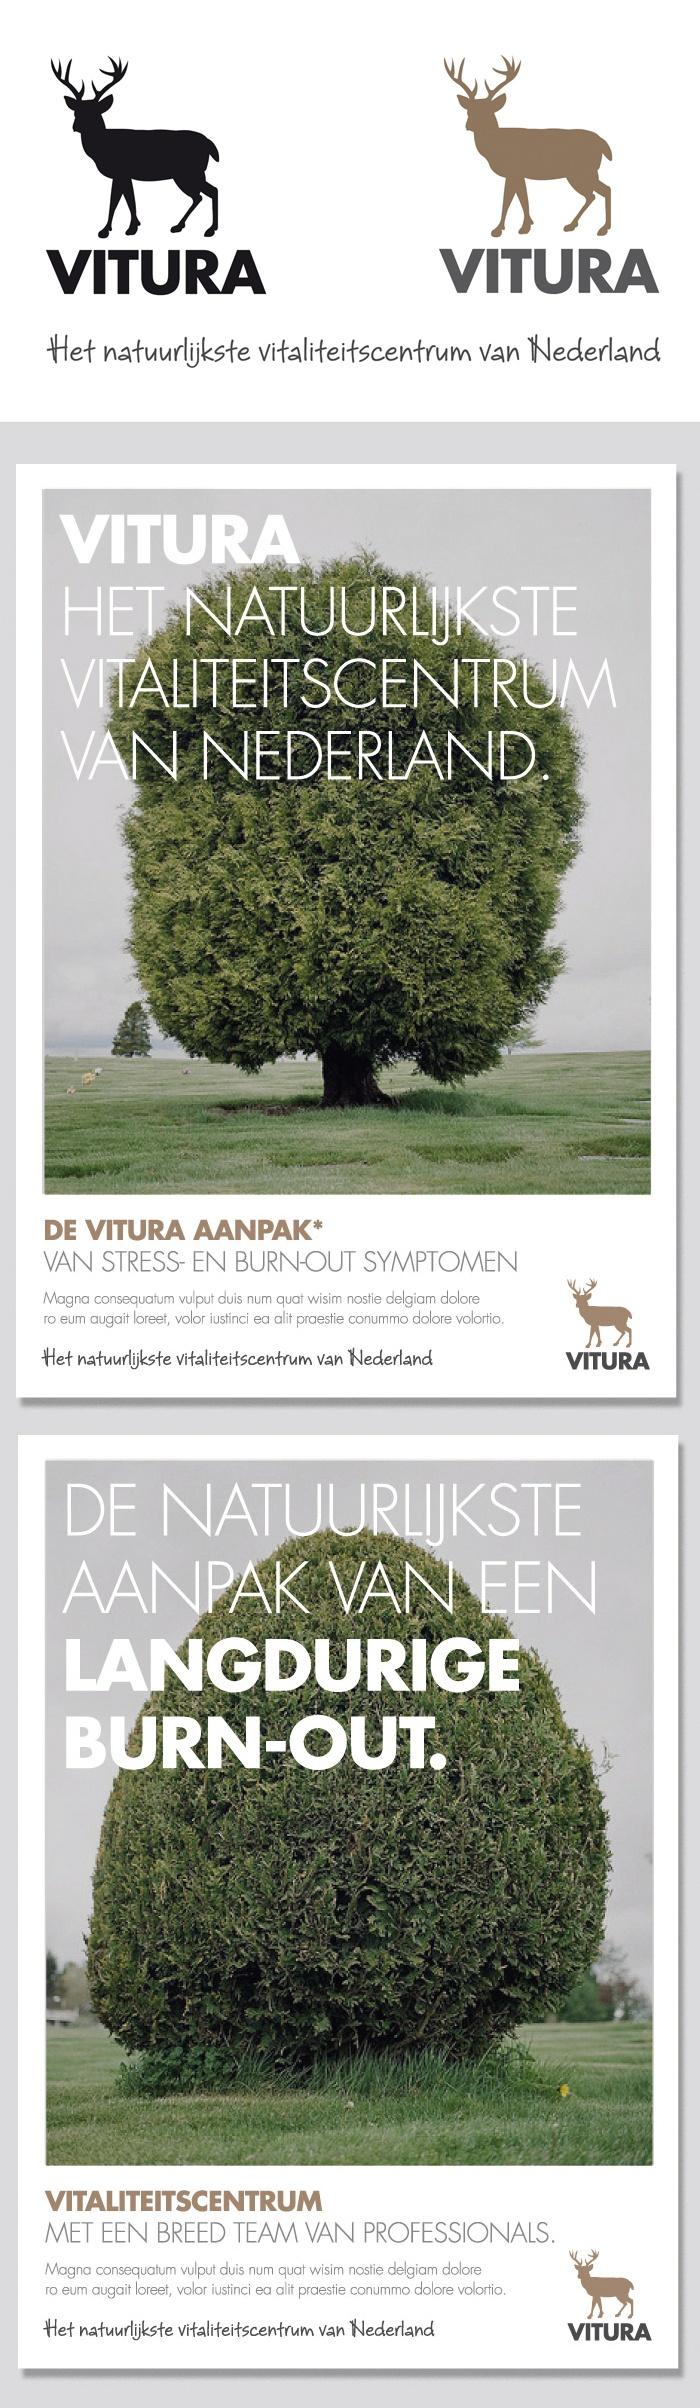 Brand design for Vitura (Vitality Center)